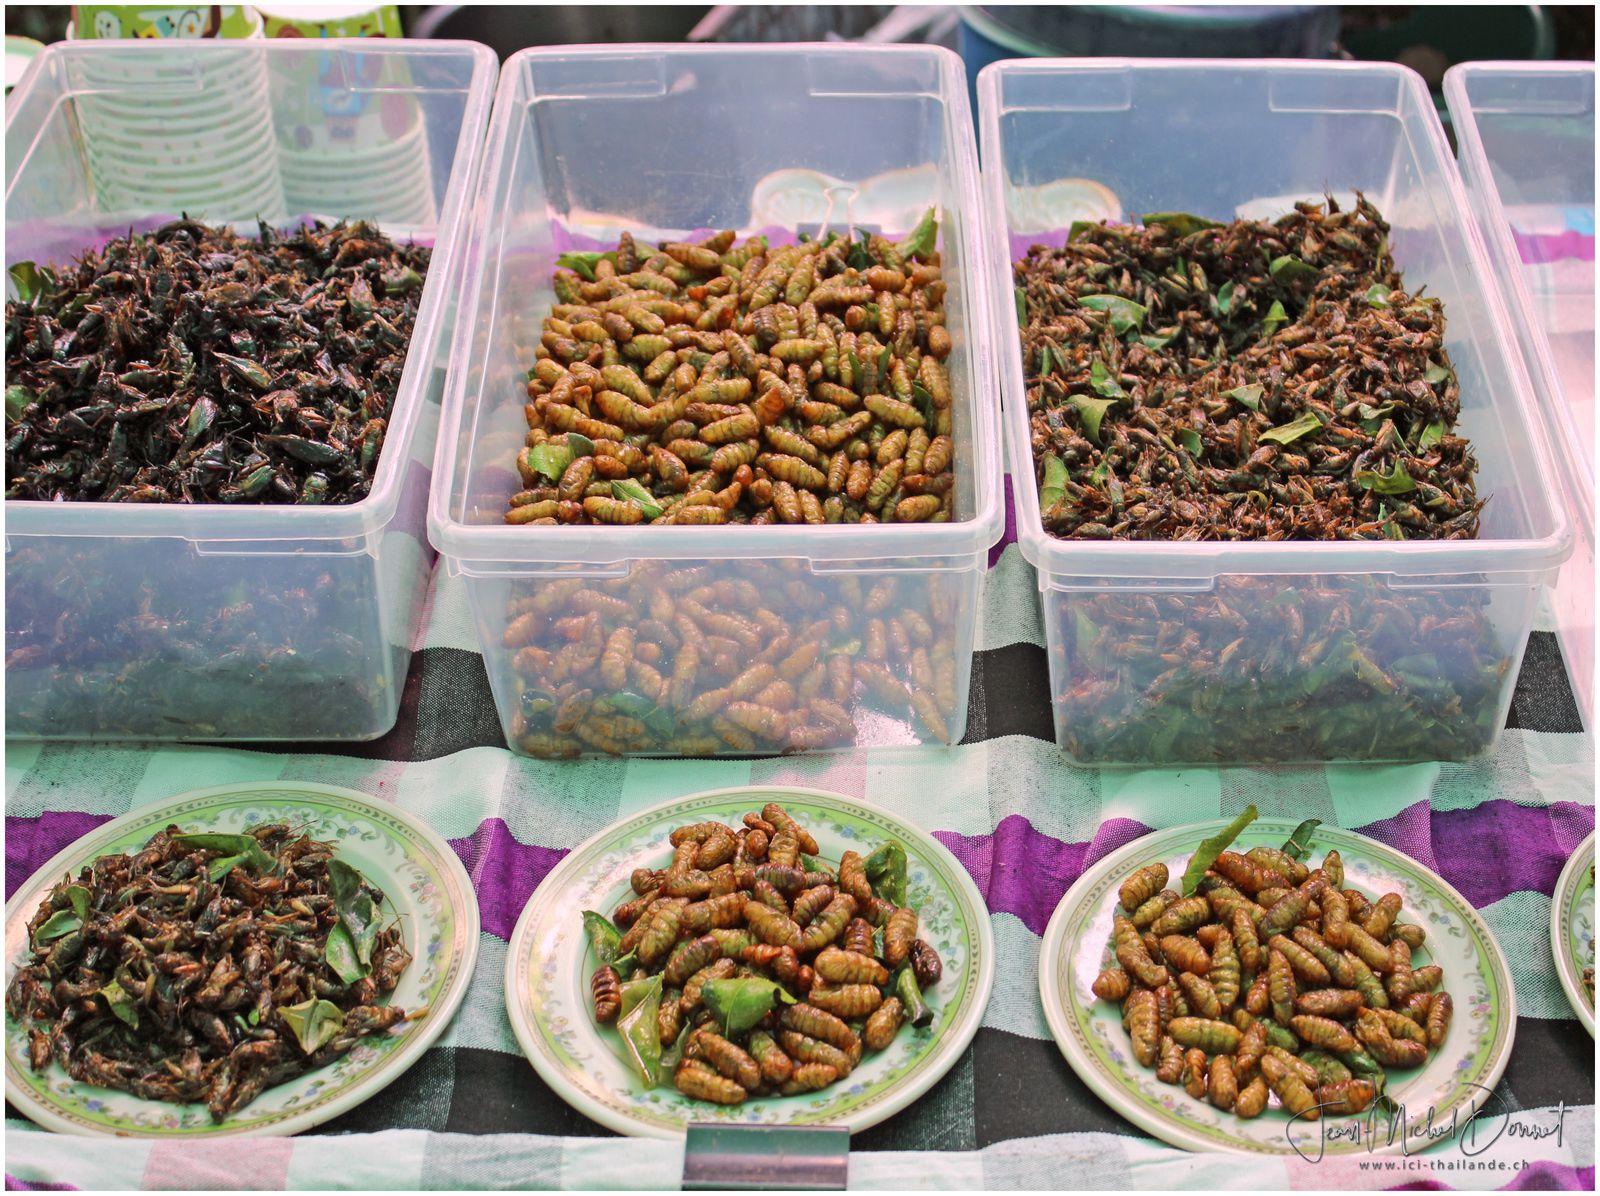 Fête de la soie de Khon Kaen (stands de nourriture)